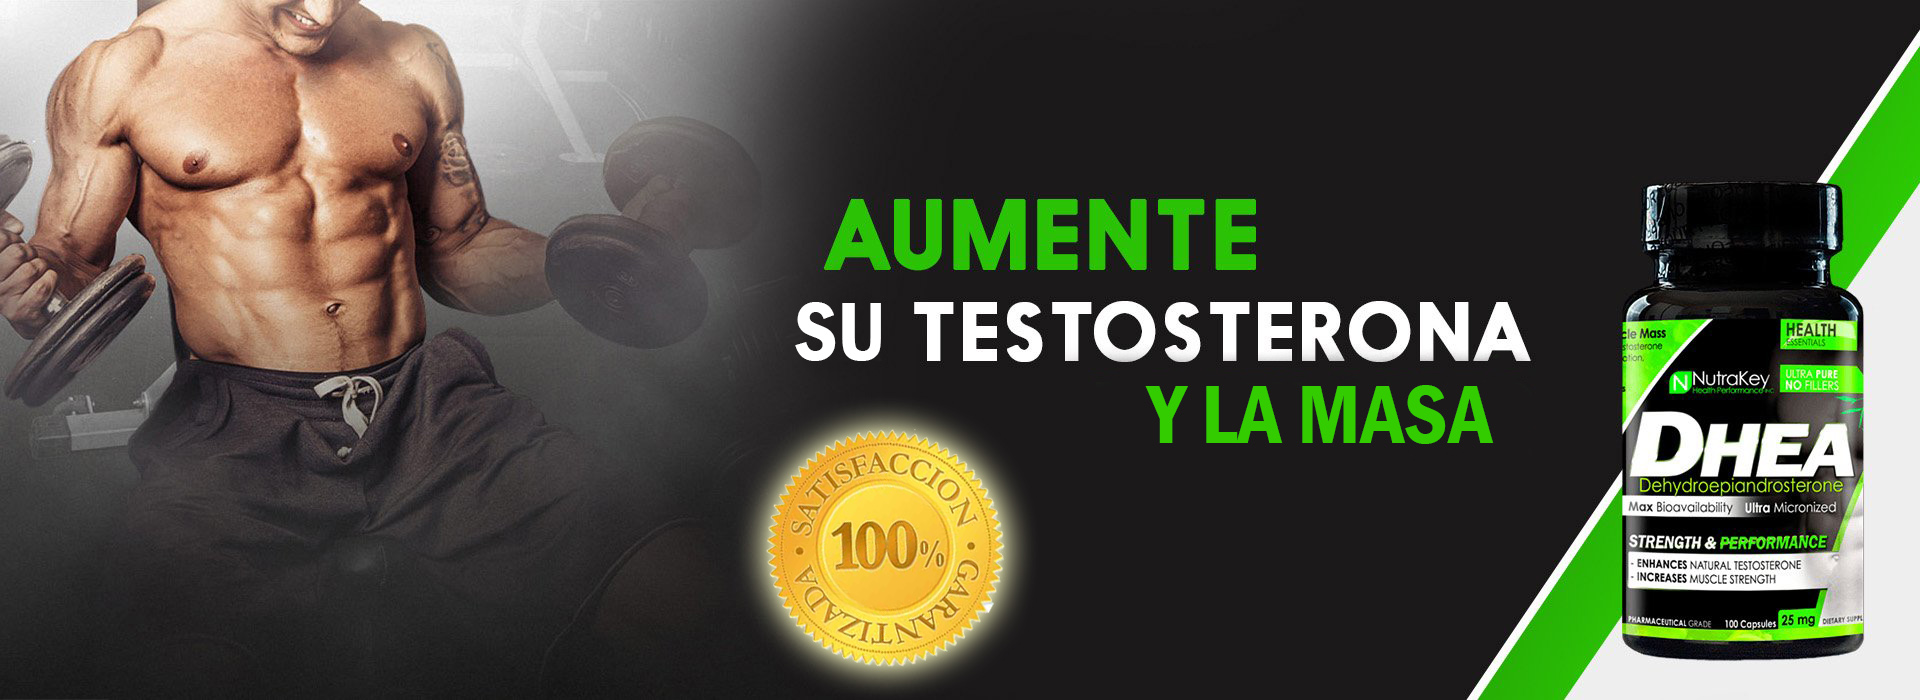 VENTA DE DHEA NUTRAKEY EN ESPAÑA AL MEJOR PRECIO